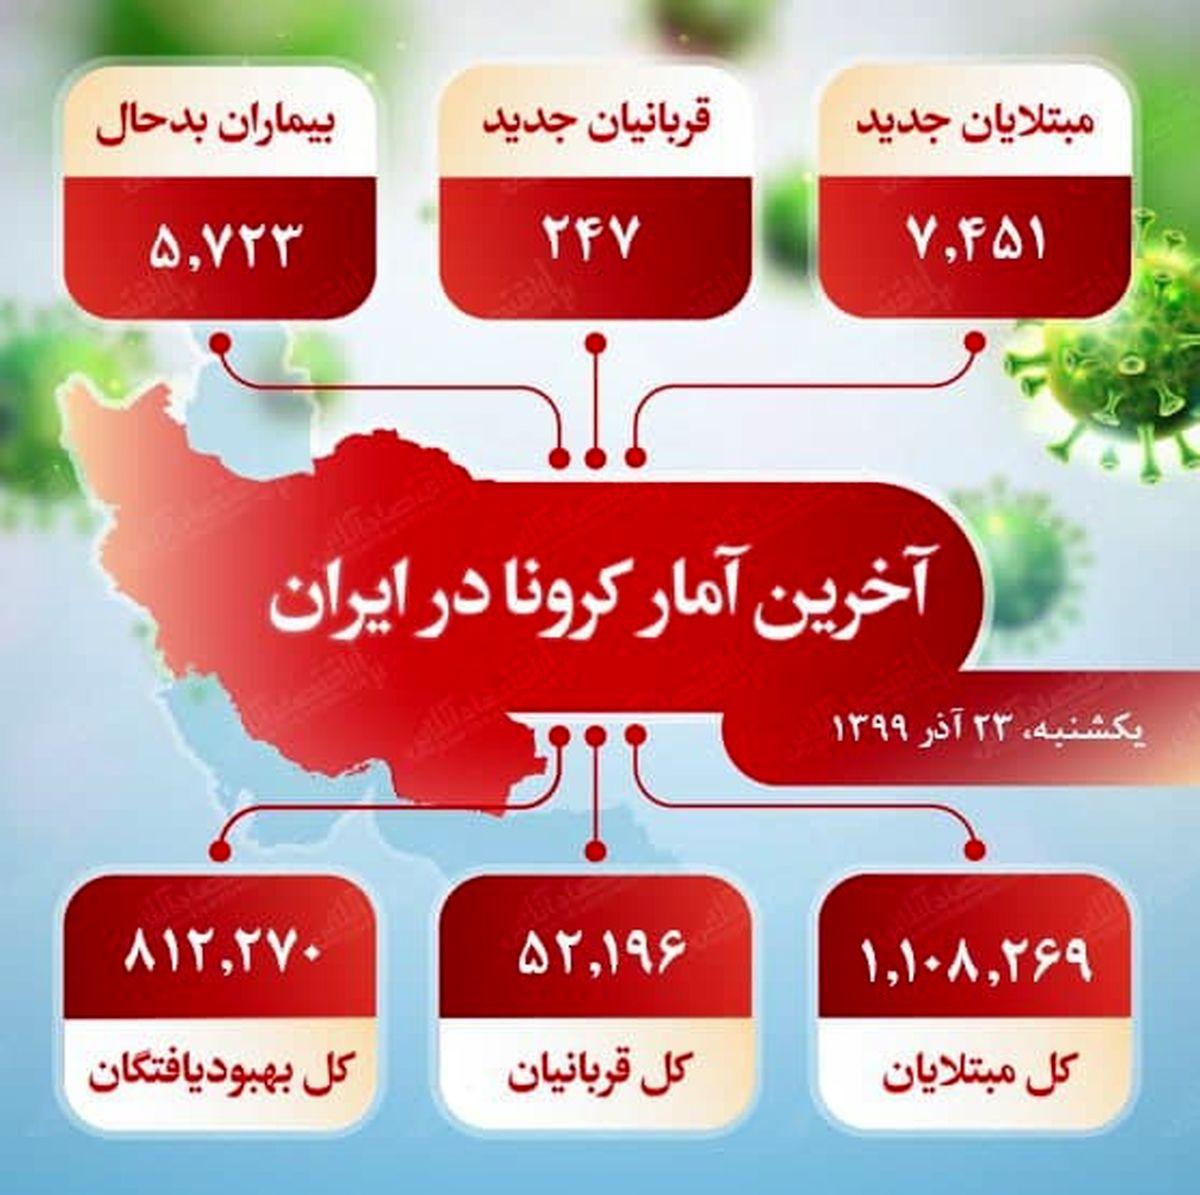 آخرین آمار کرونا در ایران (۹۹/۹/۲۳)